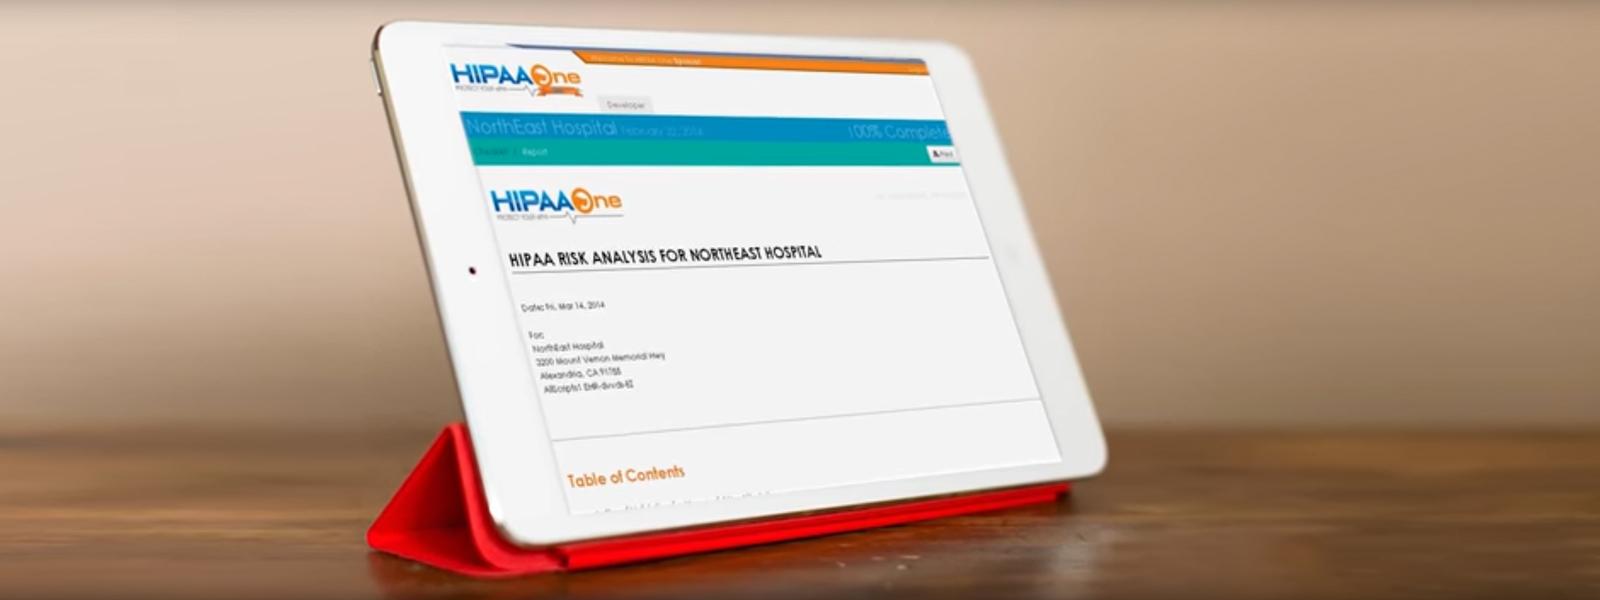 Tablet, auf dem die HIPAA-Richtlinien zu sehen sind